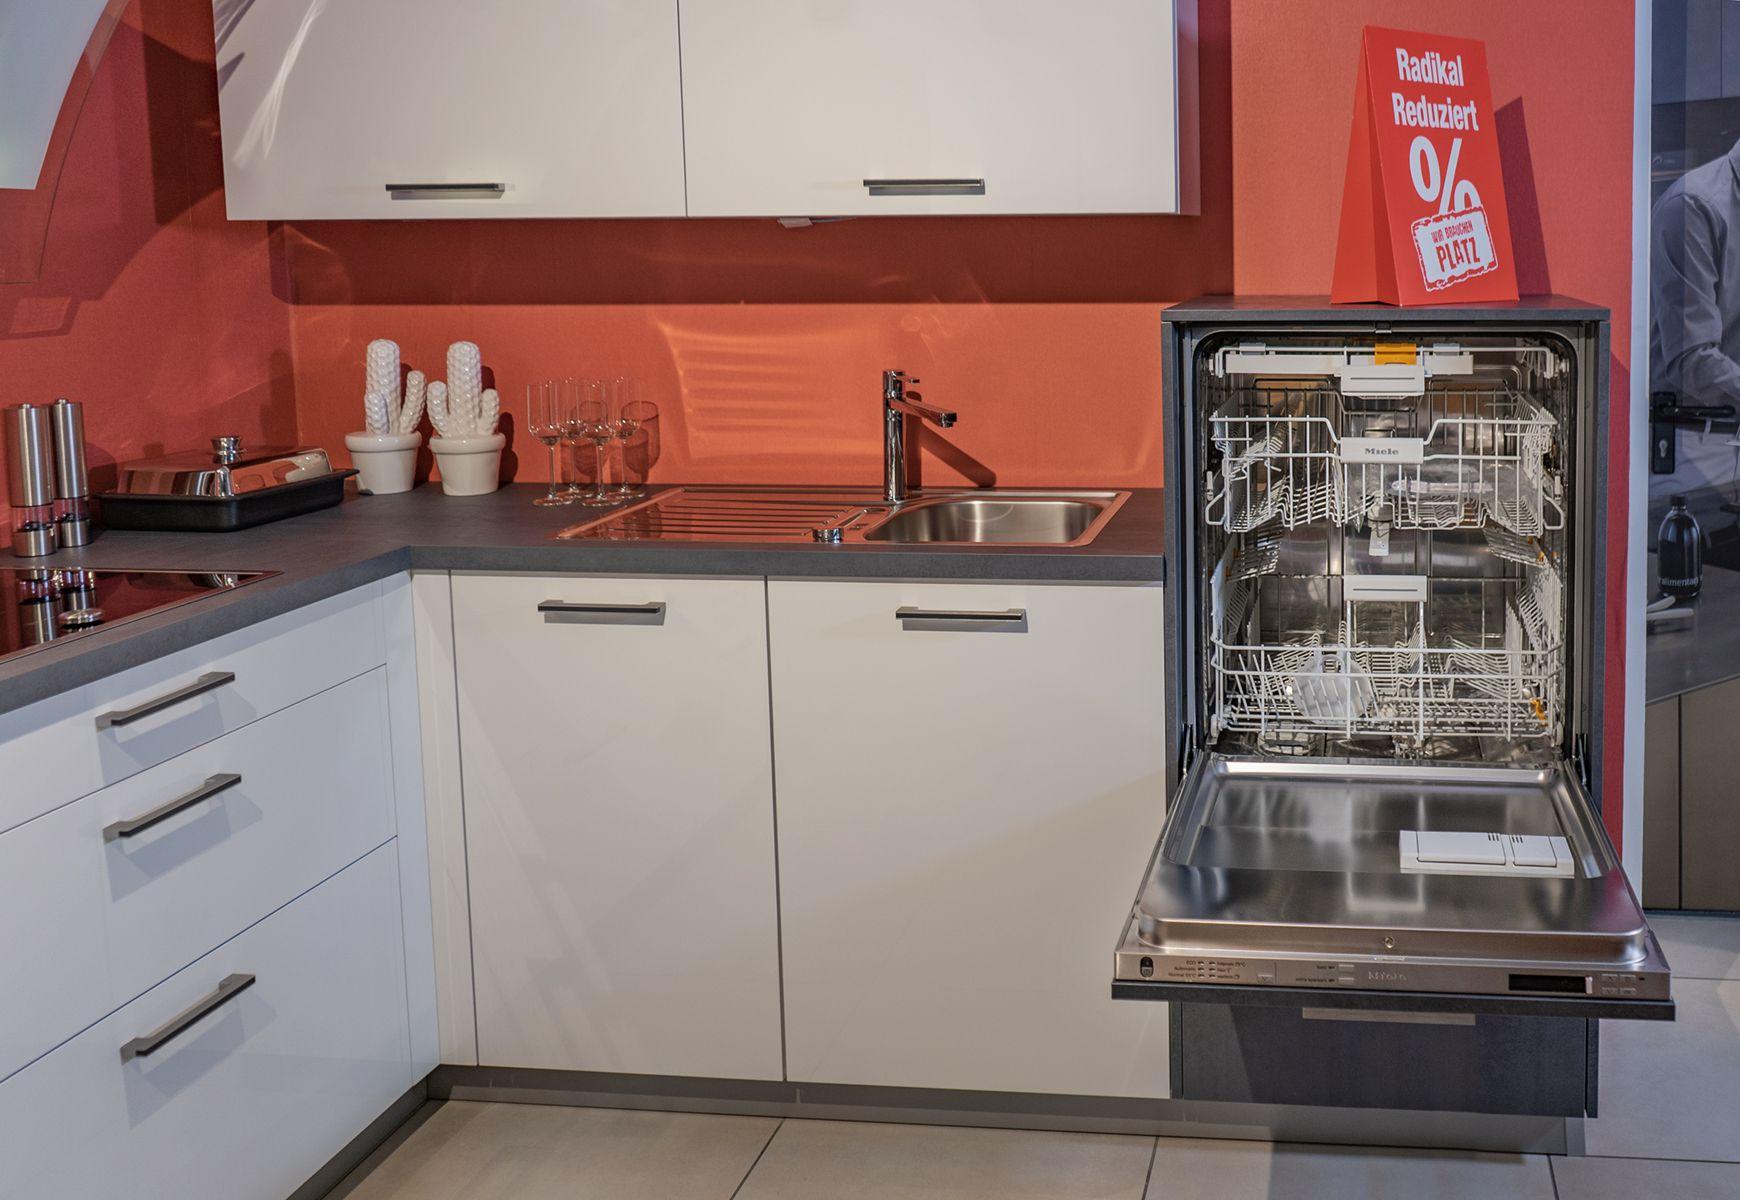 Hochgebauter Geschirrspuler Ausstellungskuche Jetzt Nur 3990 Statt 9348 Unsere Filiale Braucht Platz Fur Neue Kuchen Kuche Traumkuche Neue Kuche